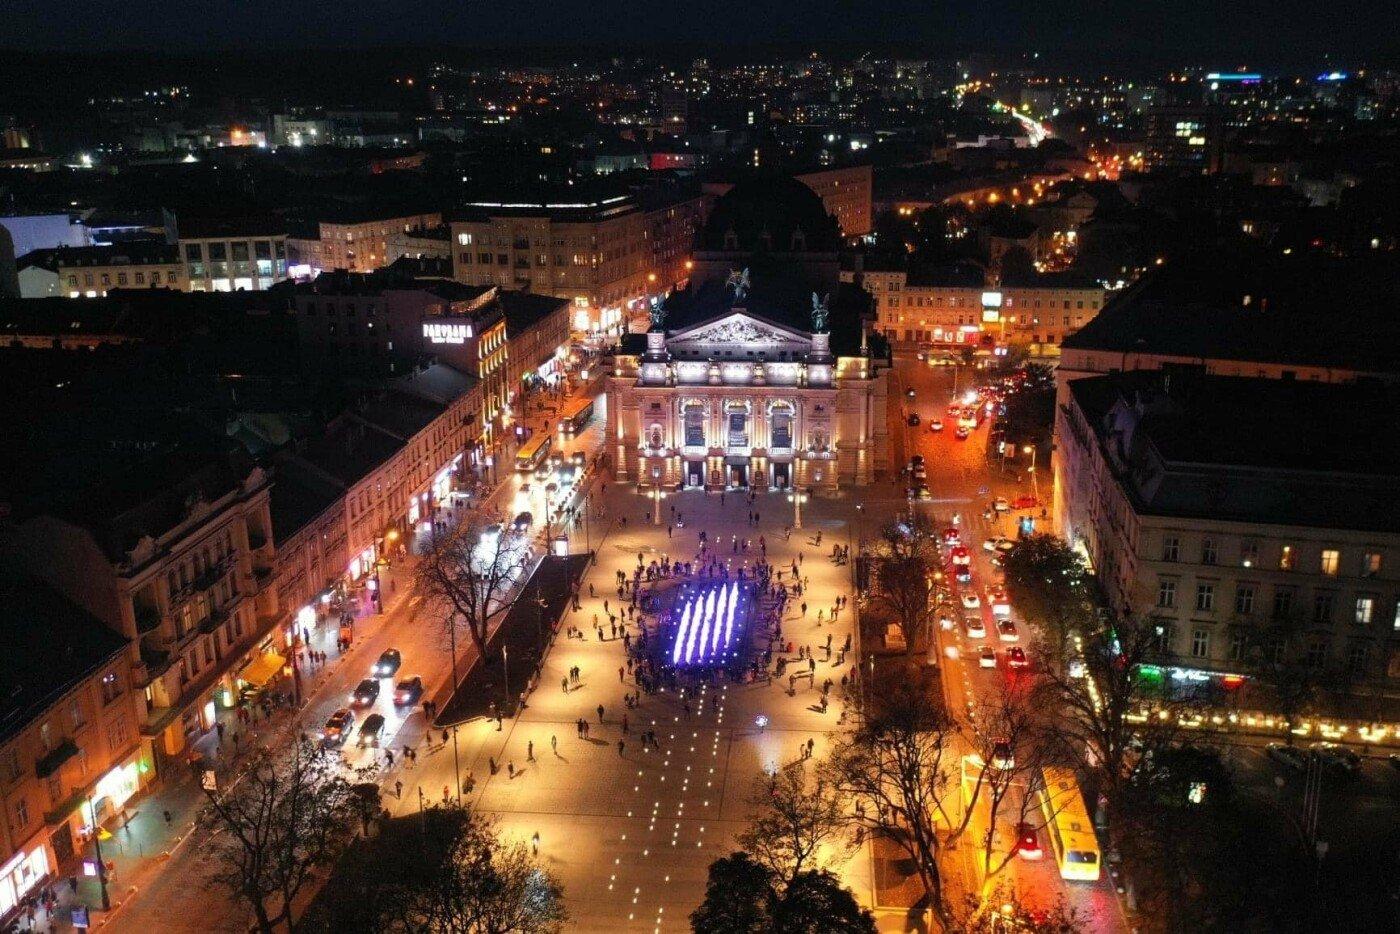 Фото: проспект свободи перед Оперним театром, Фото: Роман Балук